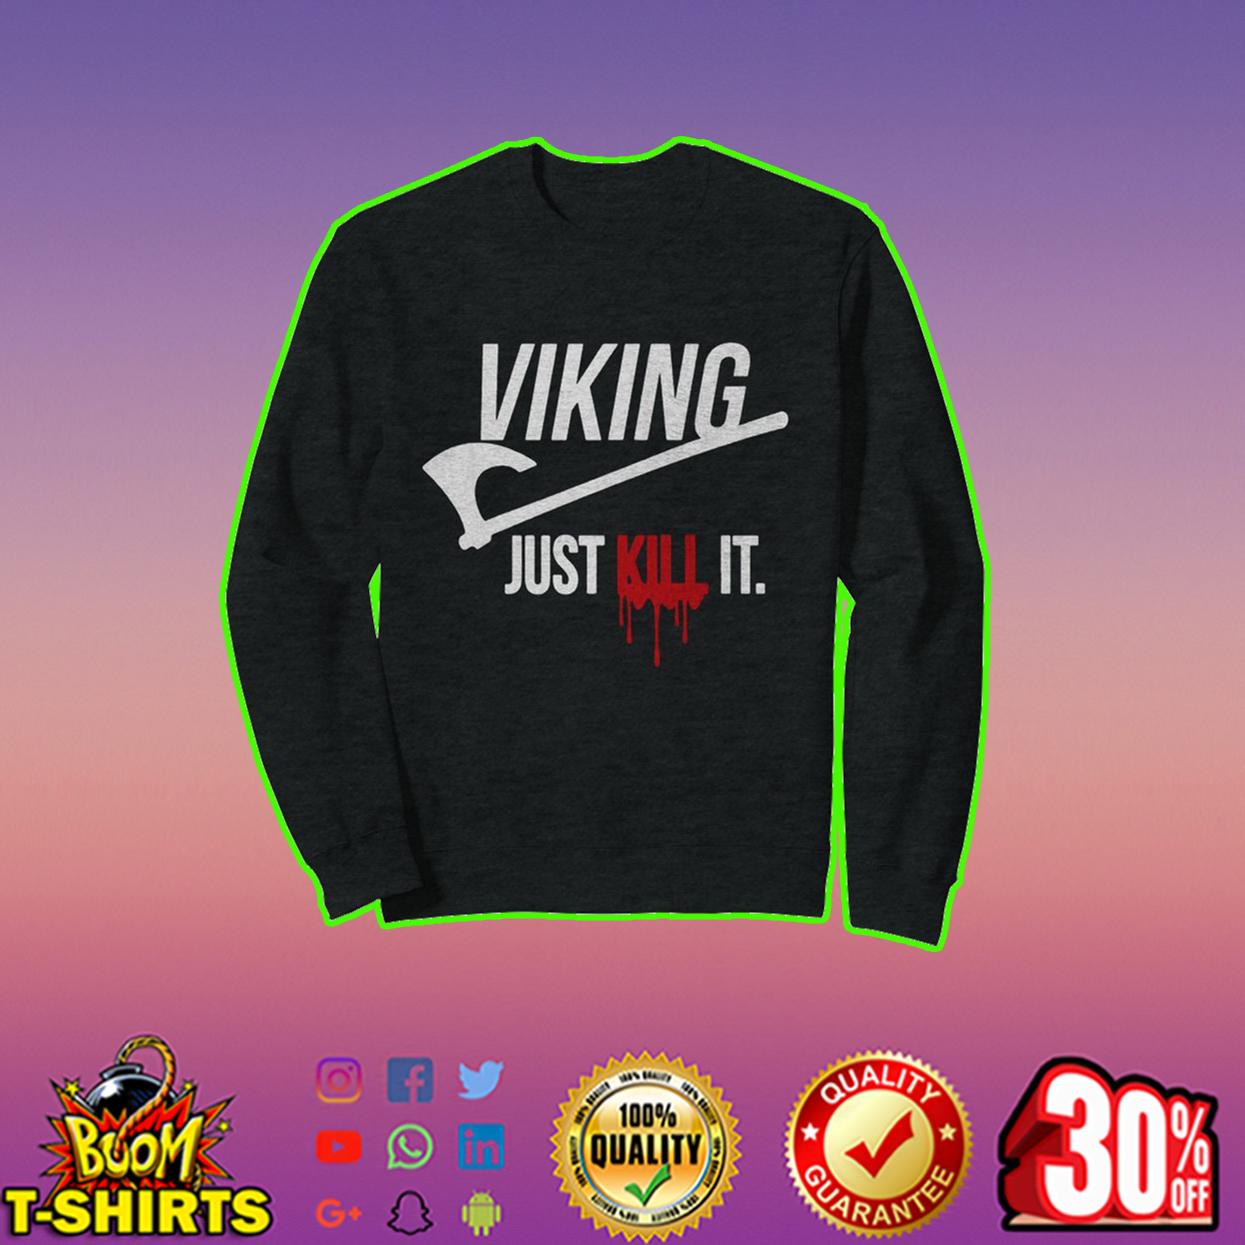 Viking just kill it sweatshirt